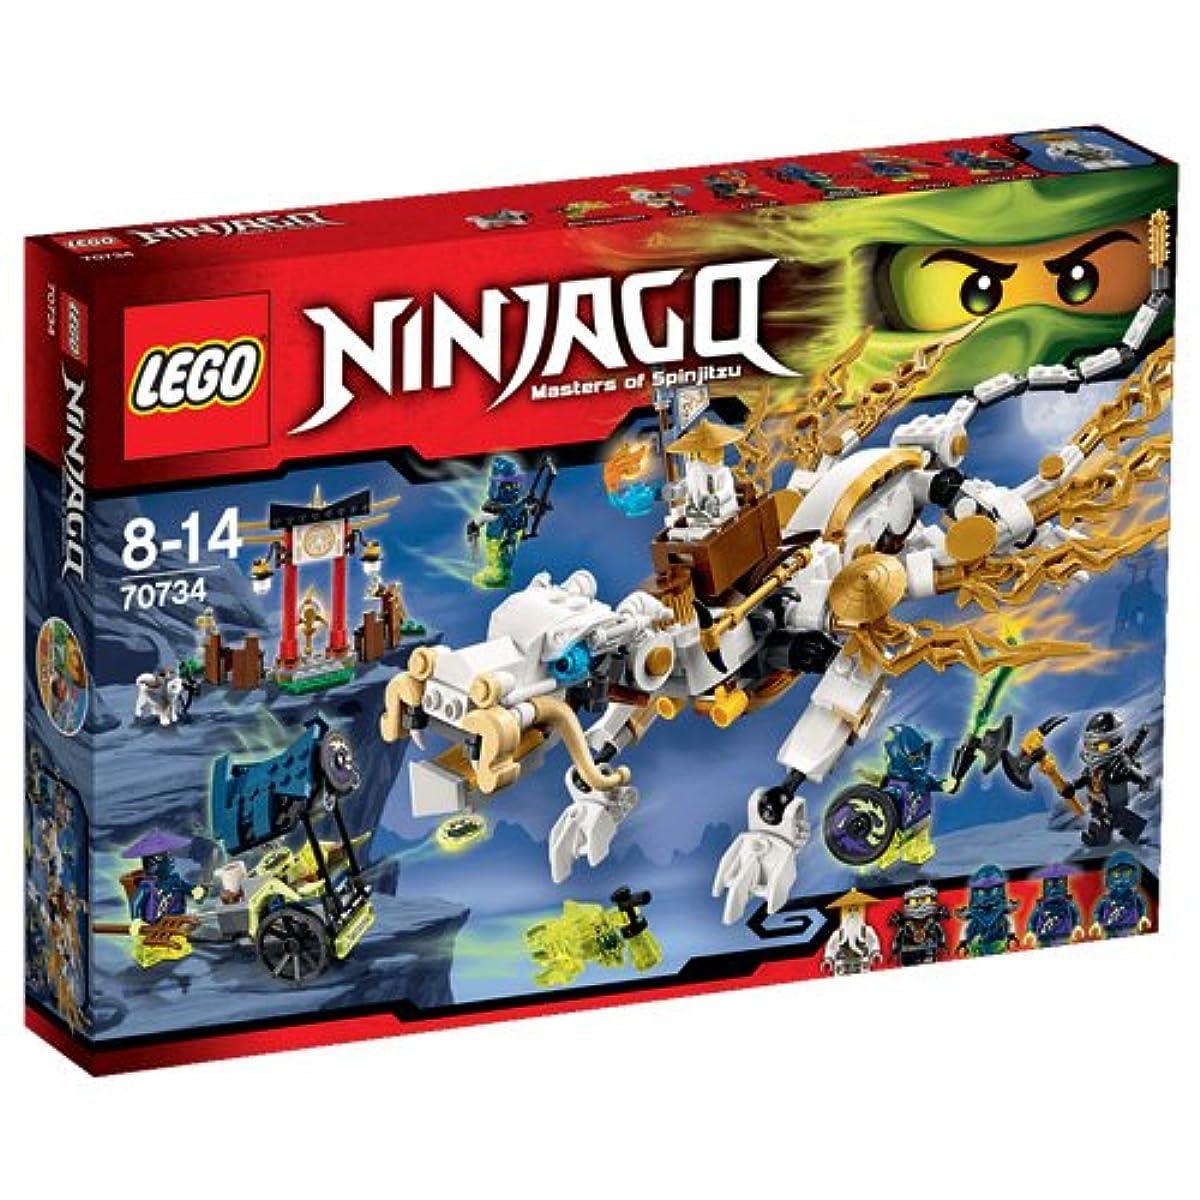 [해외] 레고 (LEGO) 닌자고 머스터드래곤 70734 (2015-07-17)